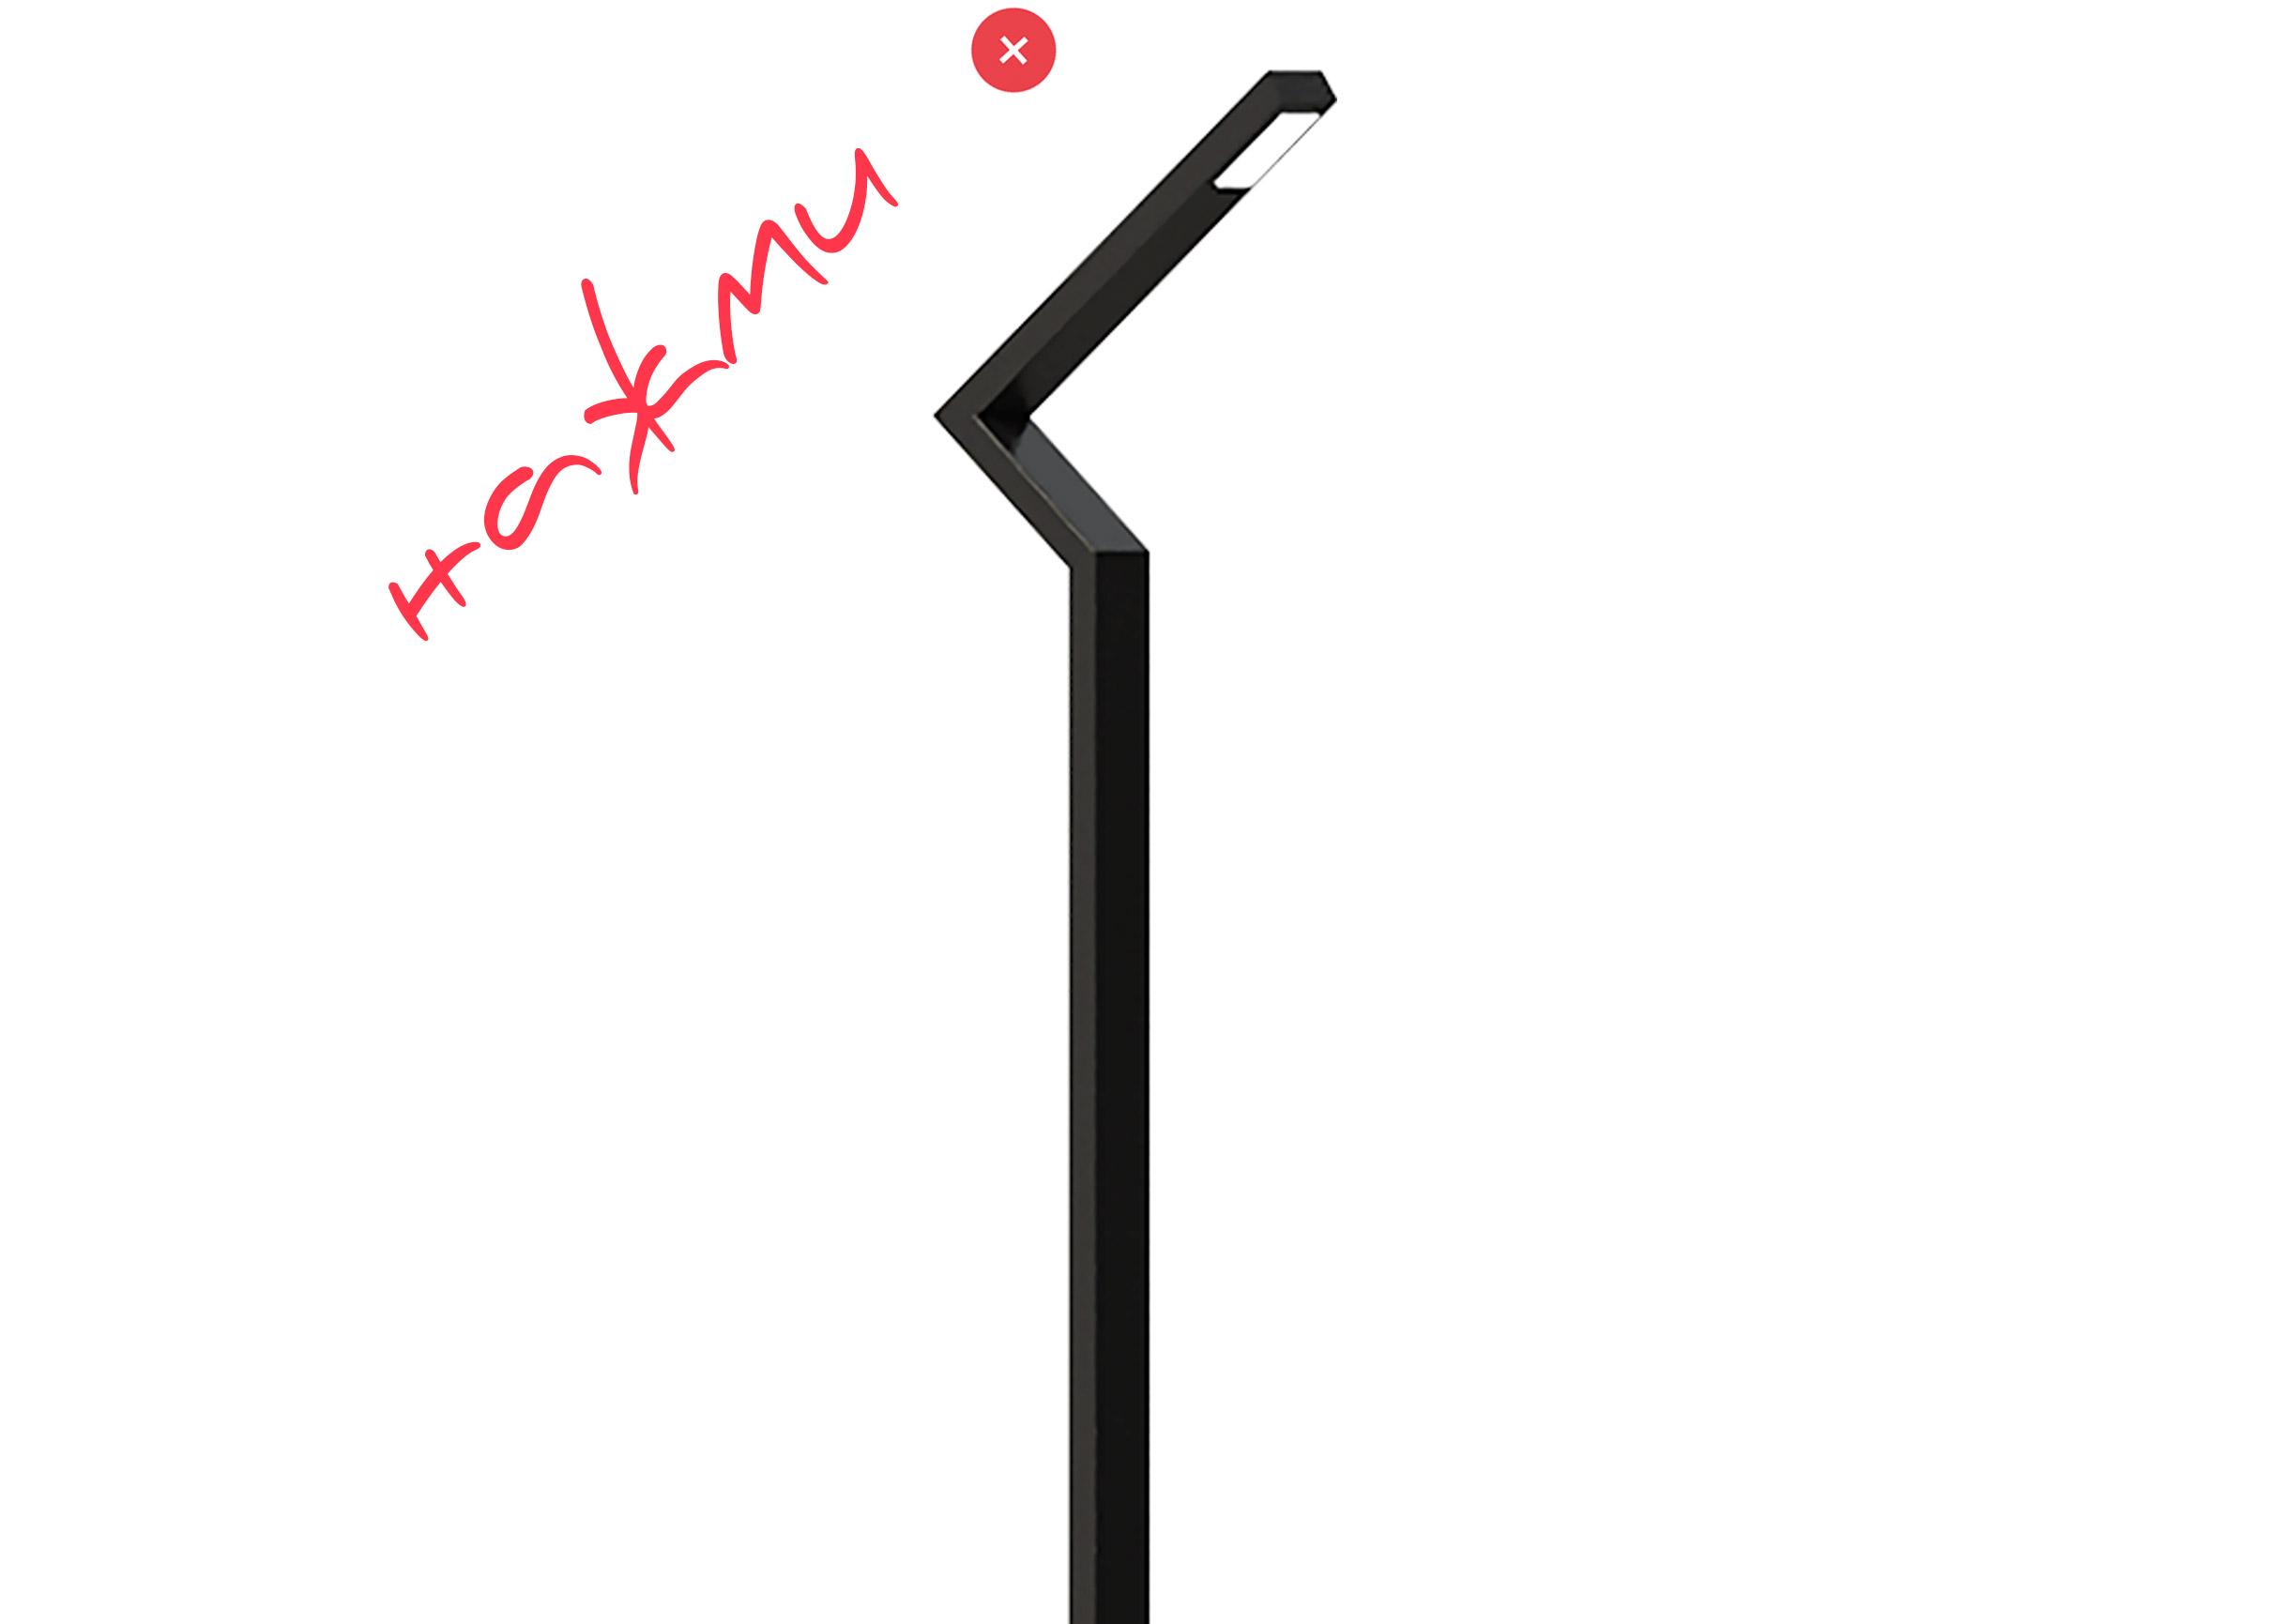 купить декоративный LED светильник, парковая опора уличного освещения ledz e-Park 600-1400